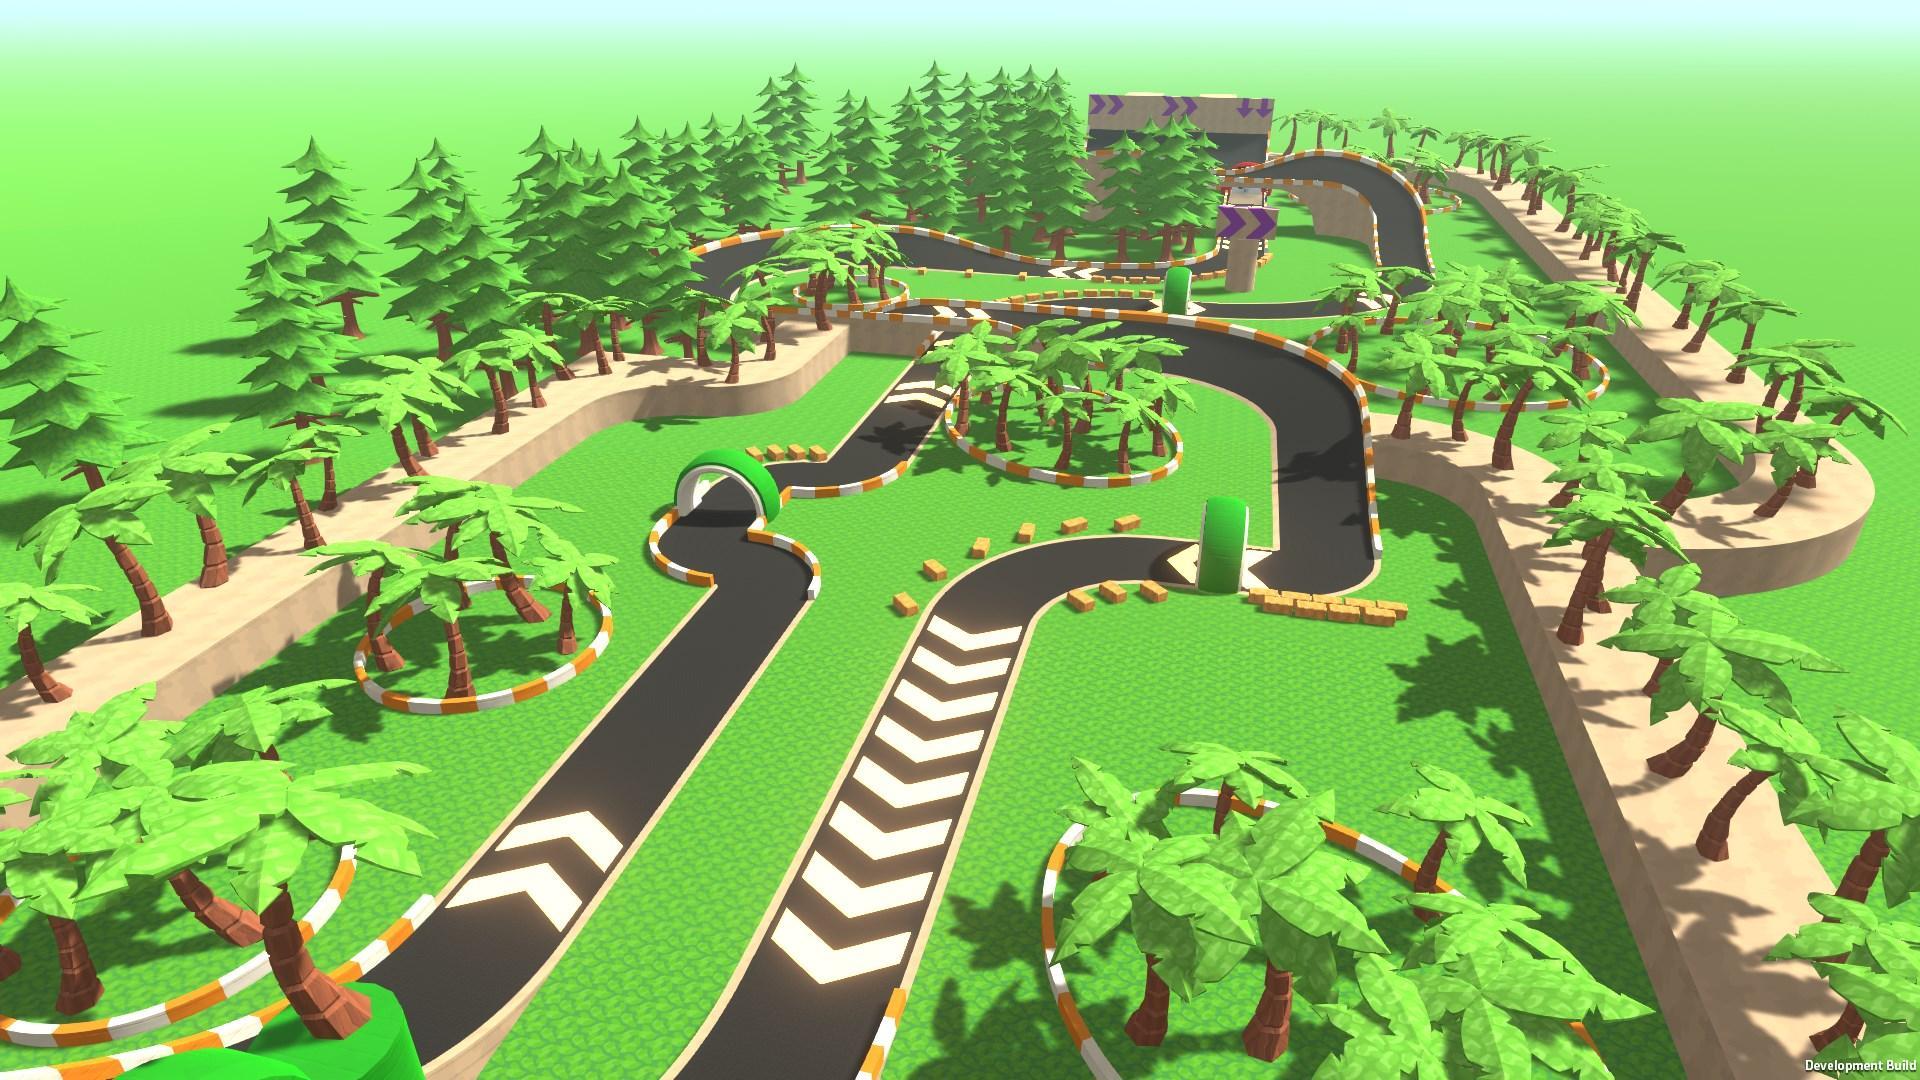 Screenshot Zeepkist game van Steelpan Interactive